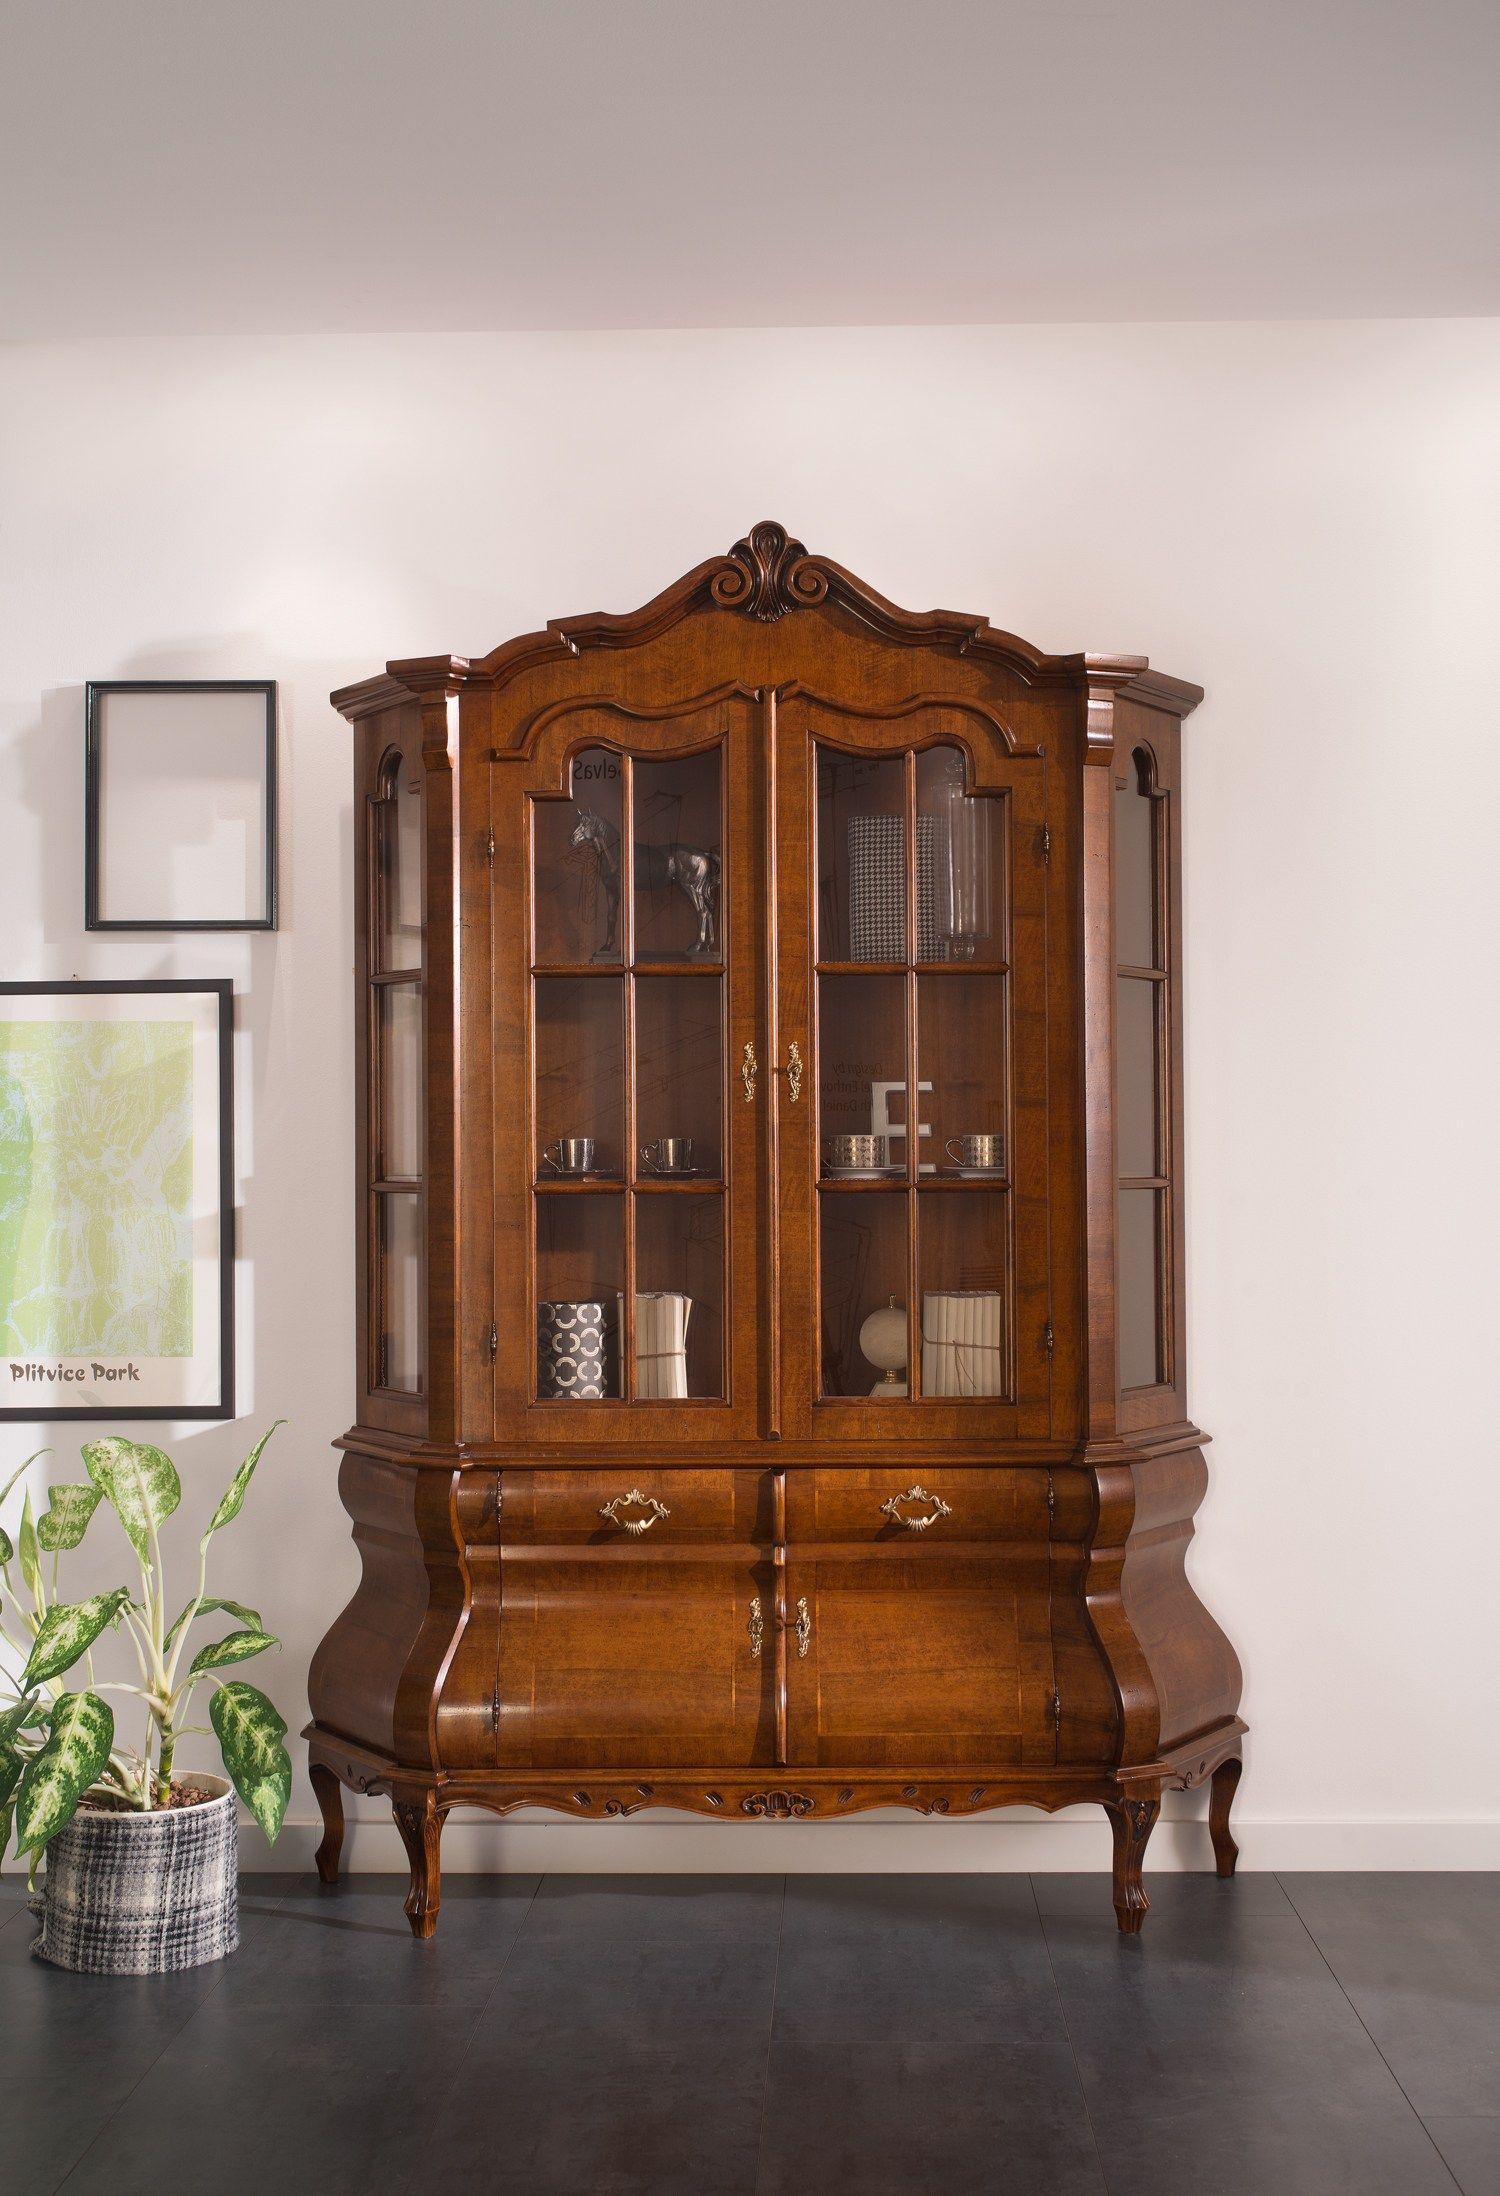 Camerette stile barocco camerette stile barocco tiarch camera da letto saber - Camerette stile barocco ...